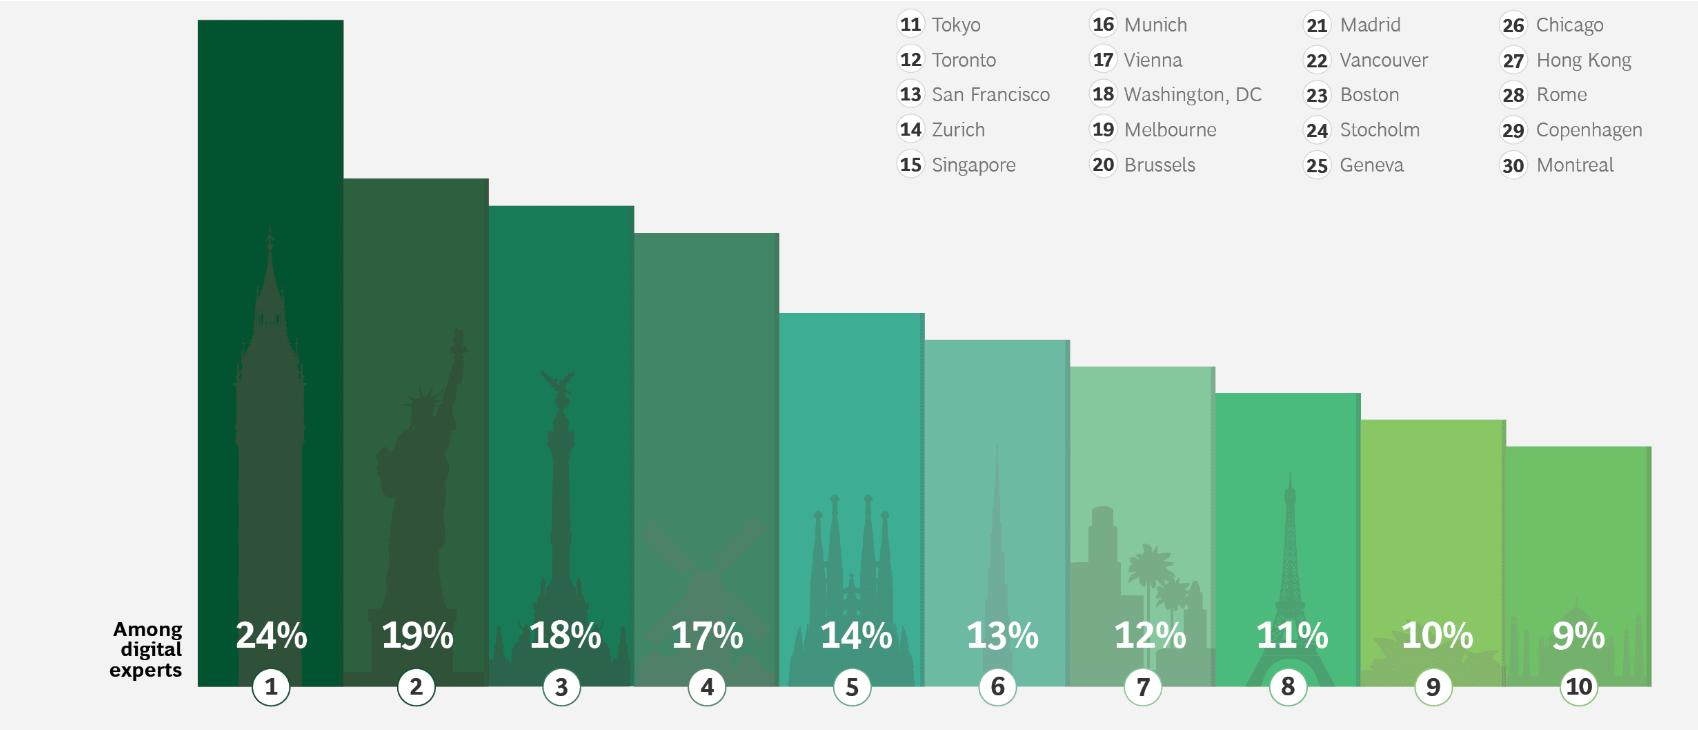 Ciudades más atractivas para talento digital